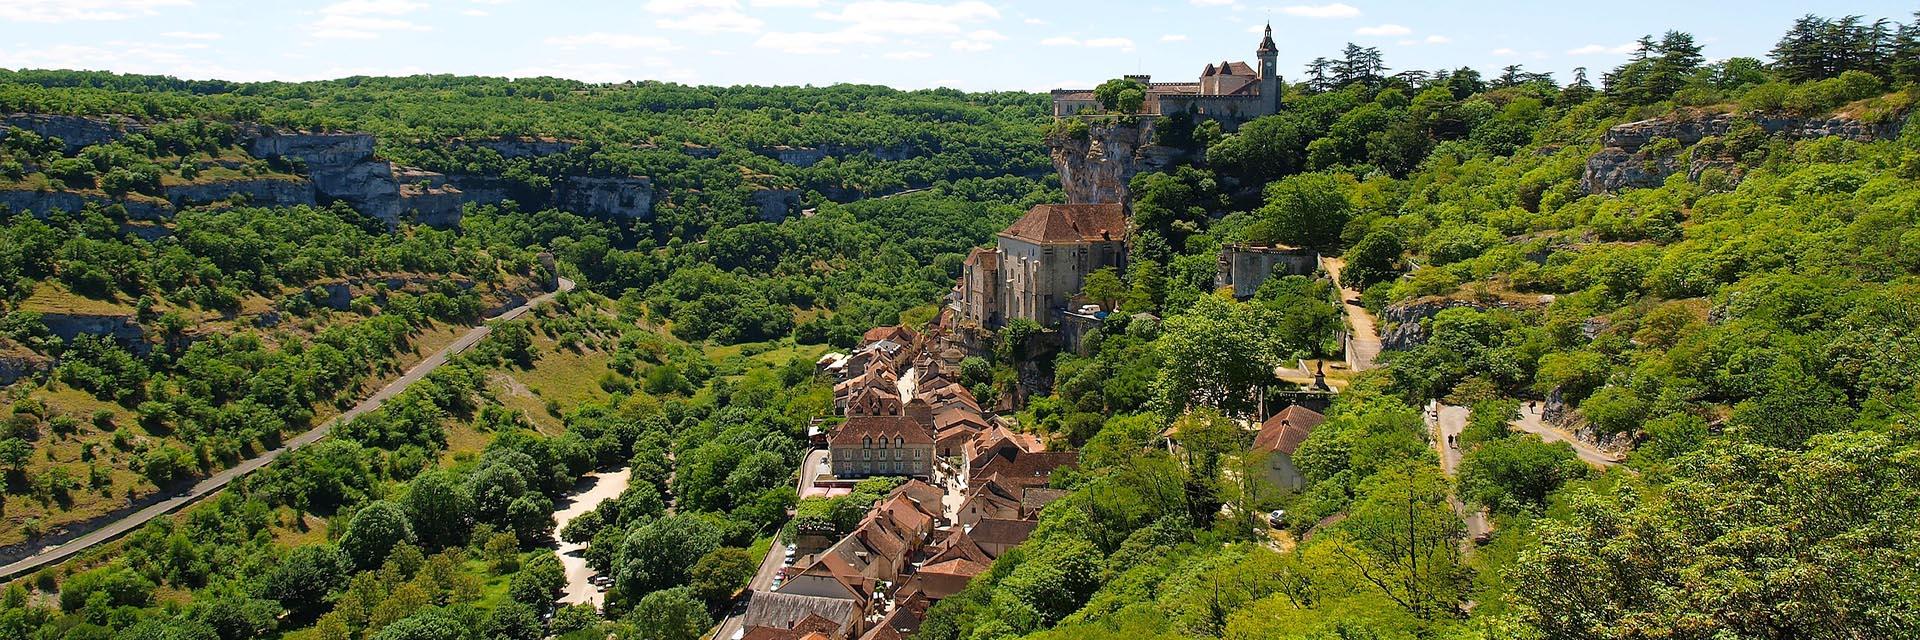 Village_club_vacances_périgord-quercy-terrou-saint-cinq-lapopie-vue-nature